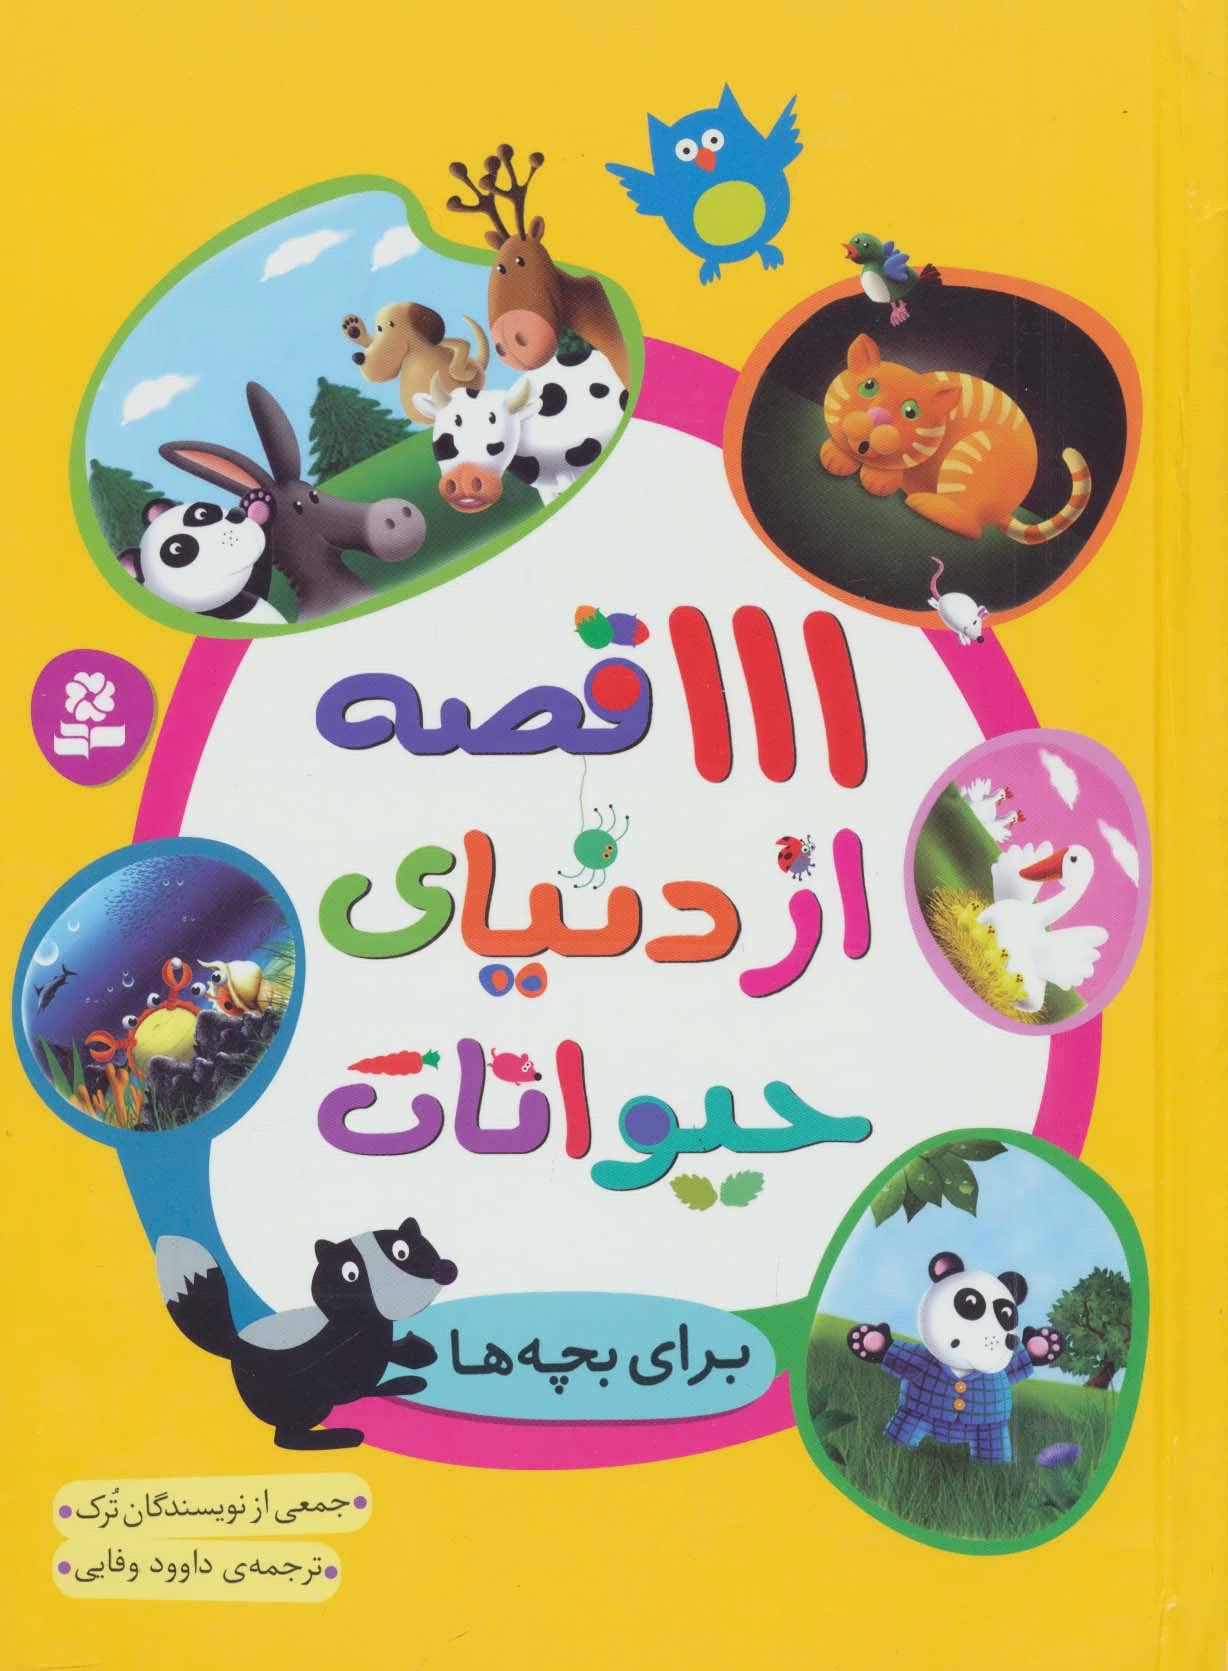 کتاب 111 قصه از دنیای حیوانات